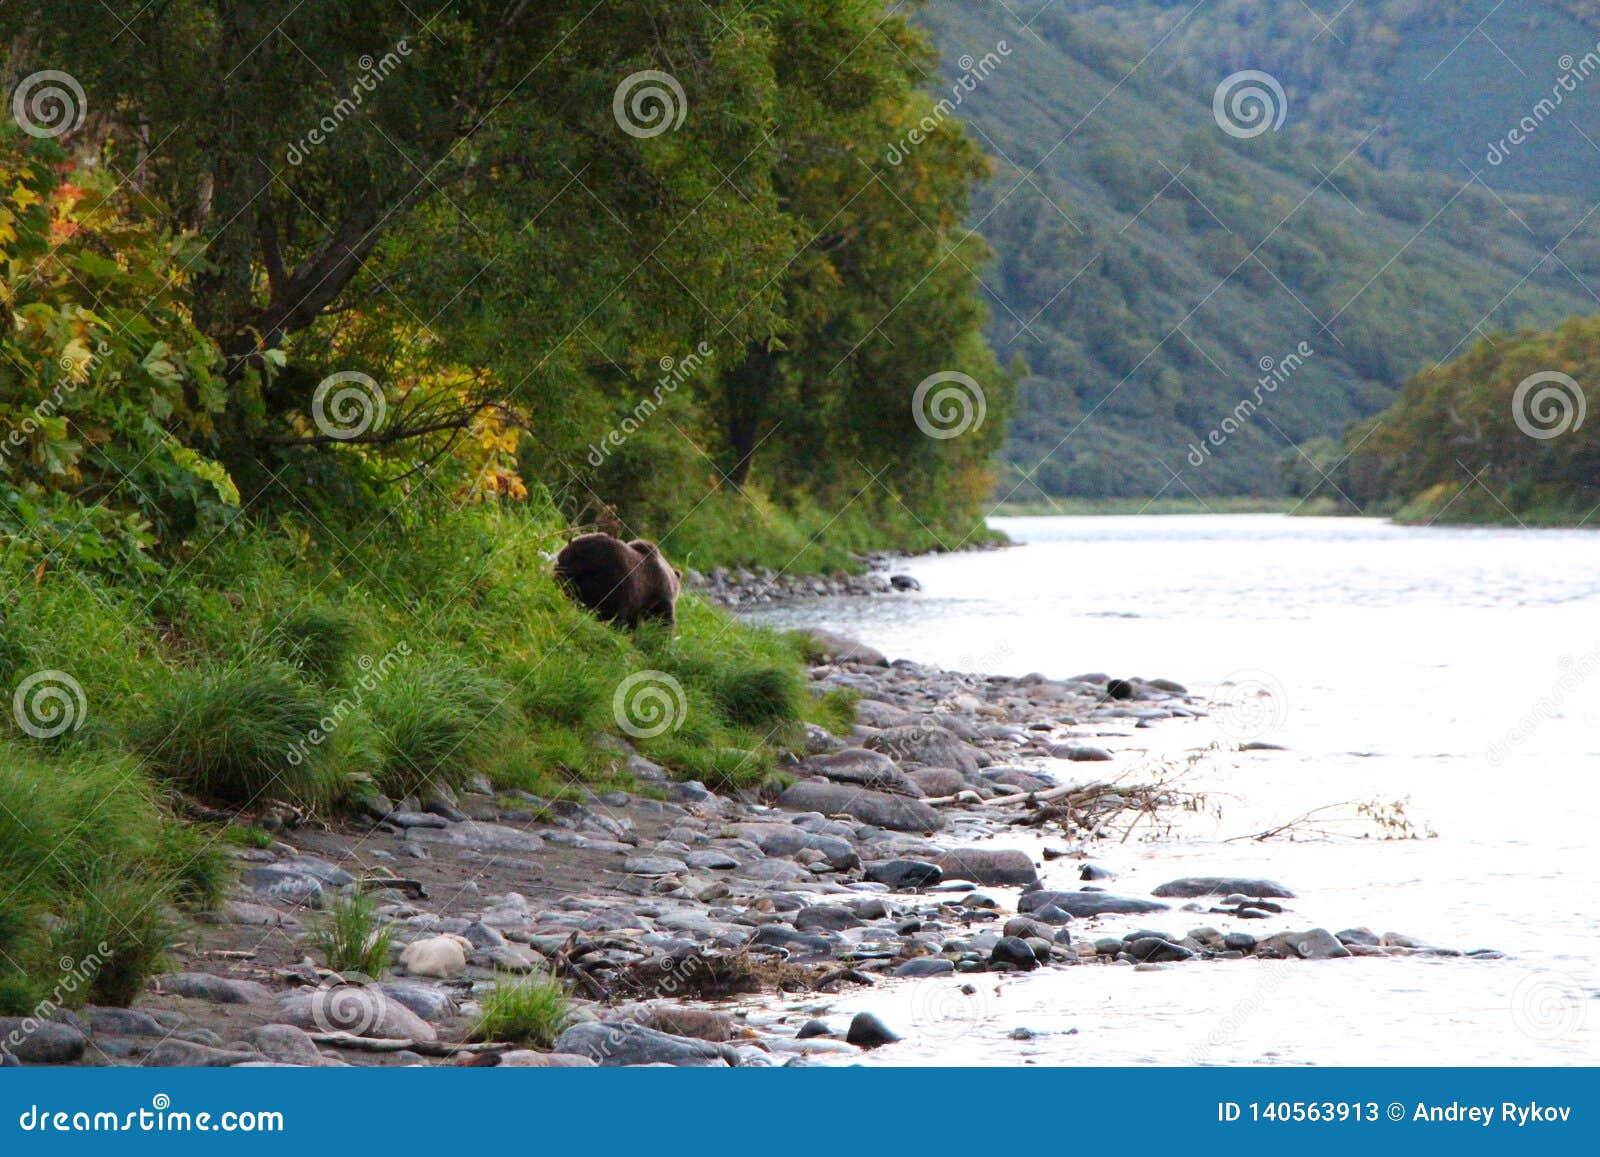 Großer wilder Bär geht durch Fluss